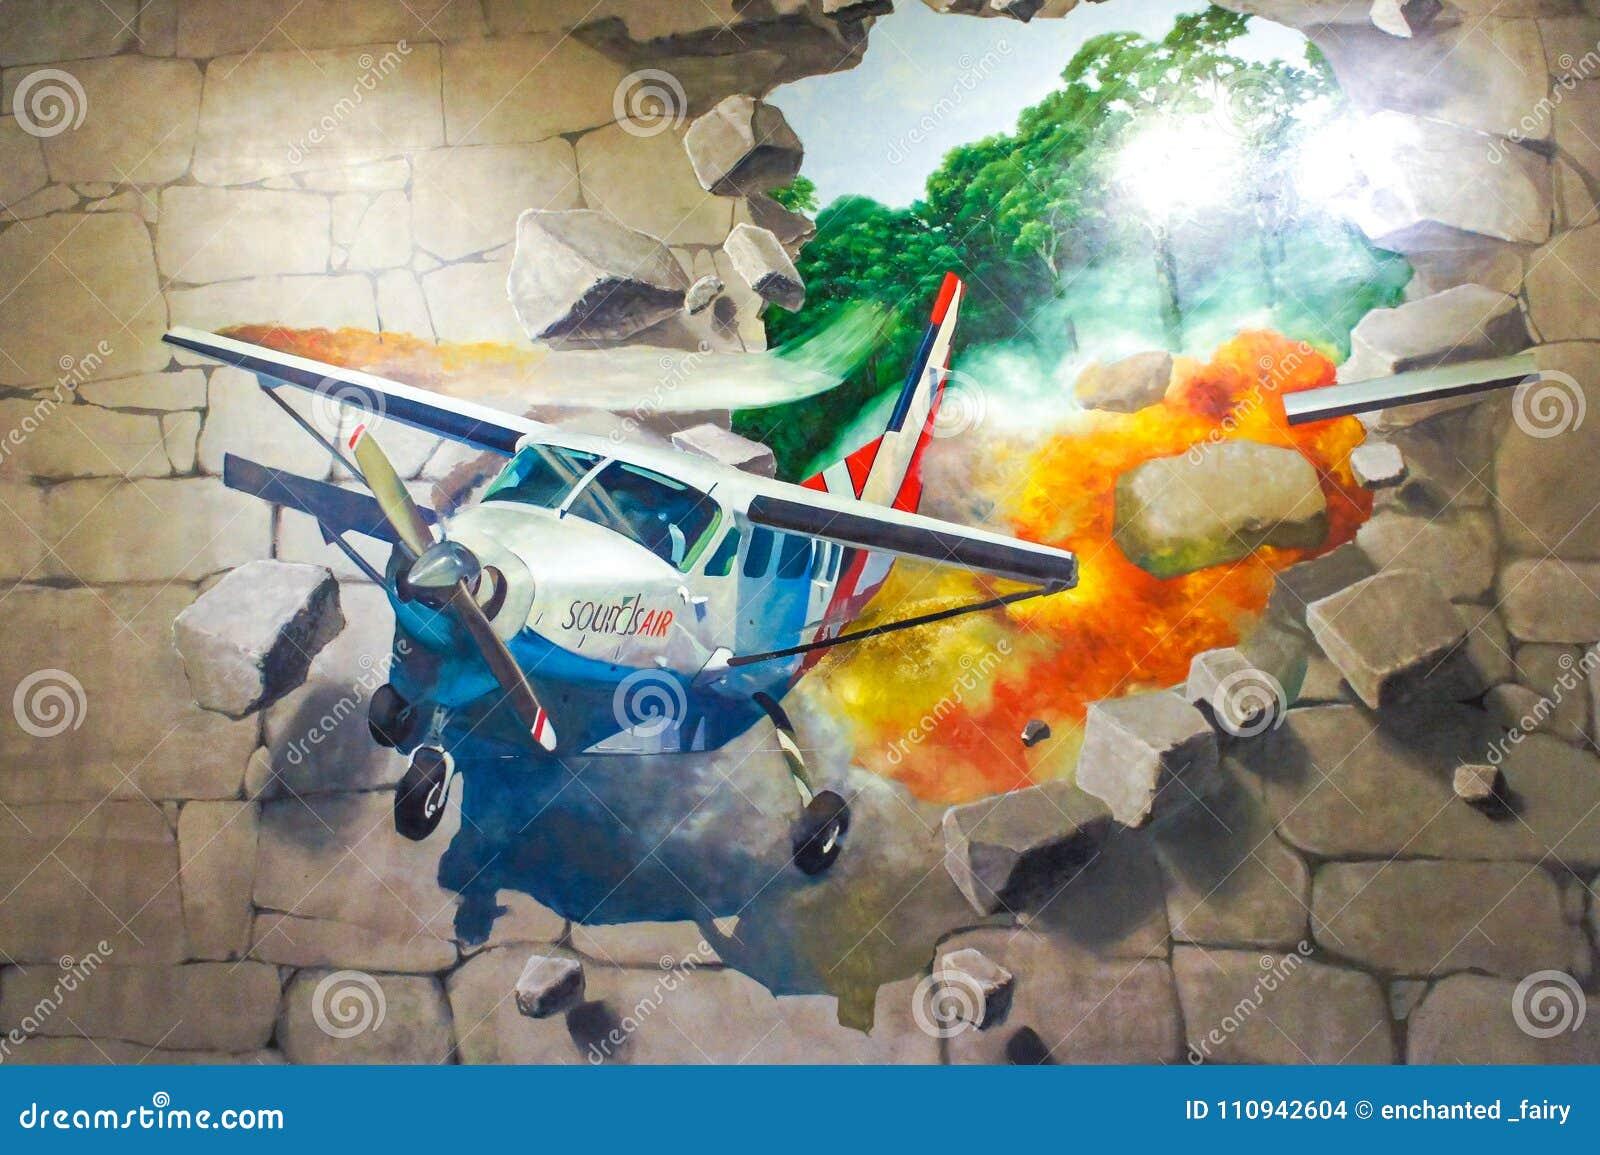 La foto de la pintura de pared 3D del aeroplano que caía condujo de la pared de ladrillo de piedra